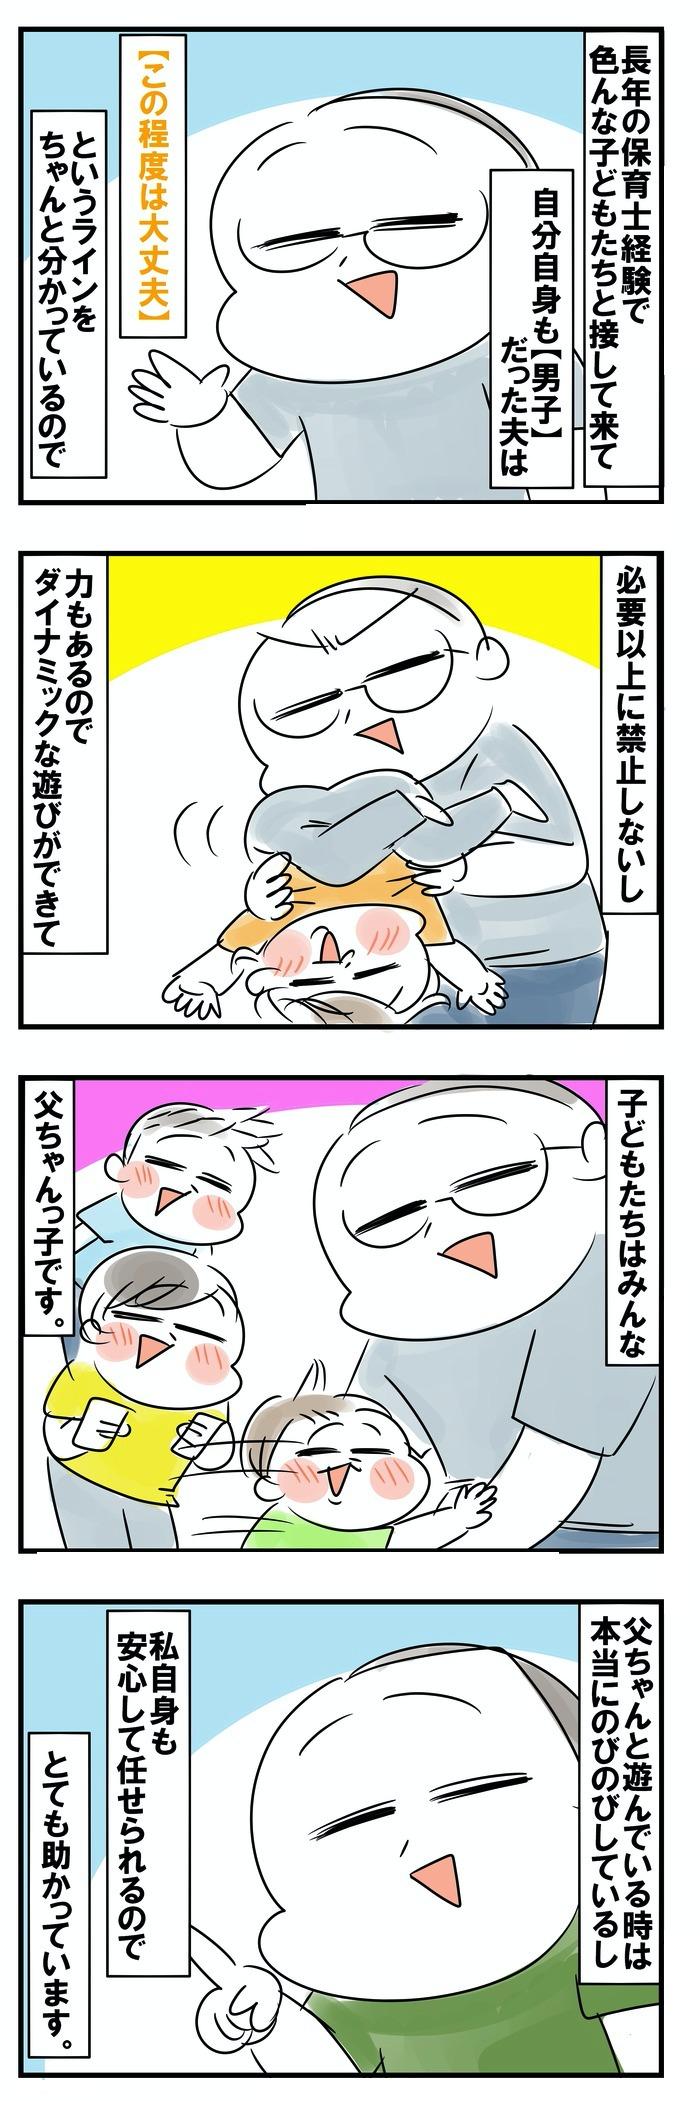 子どもたちの激しい喧嘩。止めるタイミングをわかっていた人物とは…!?の画像2